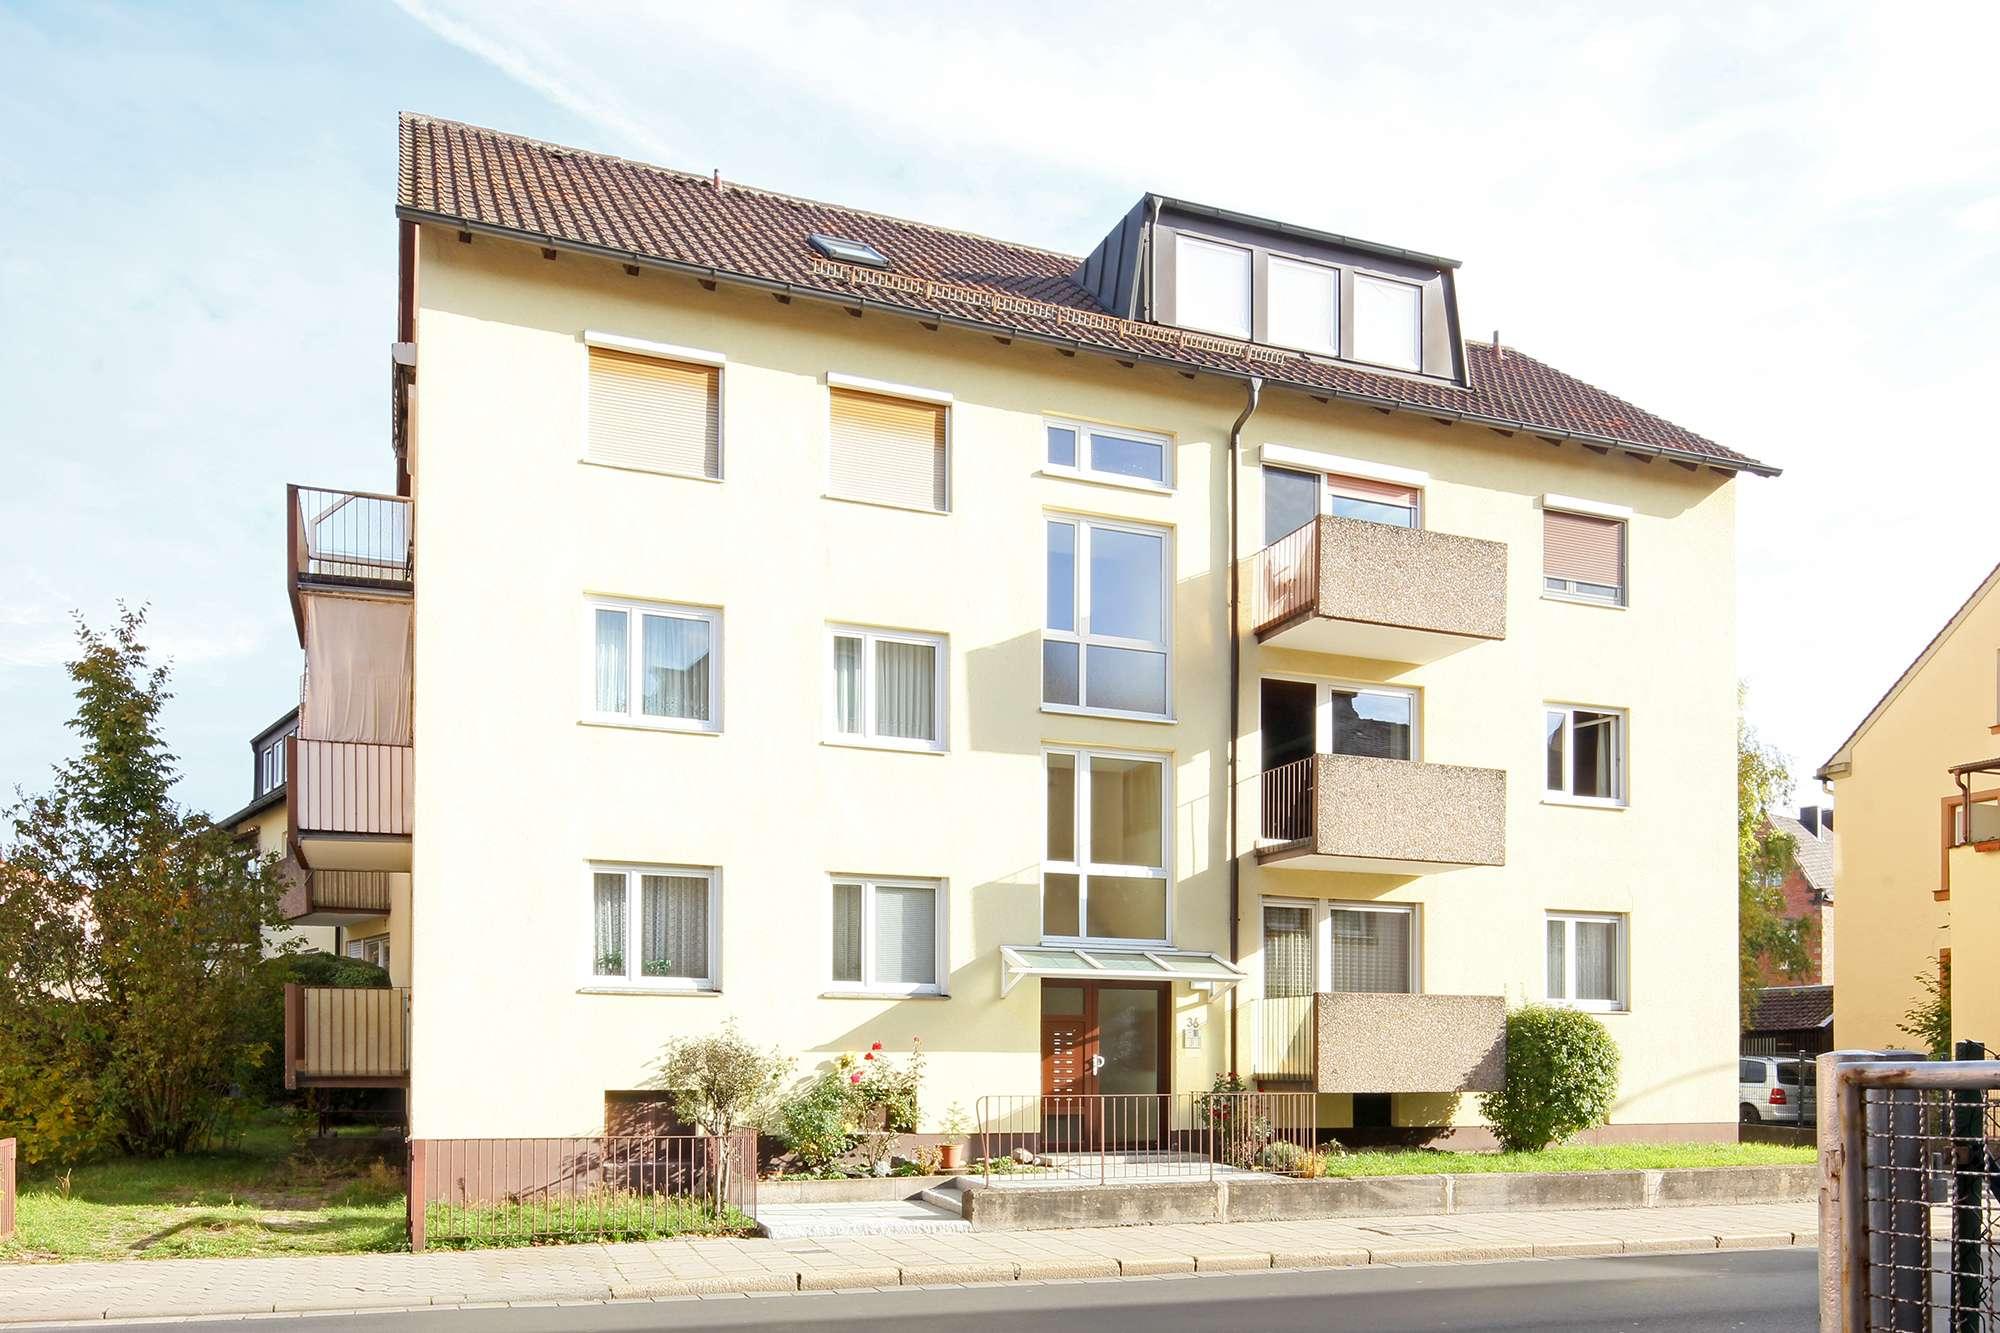 Großzügige 3-Zimmer-Wohnung mit Balkon in gepflegtem Wohnhaus im Zentrum der Stadt!